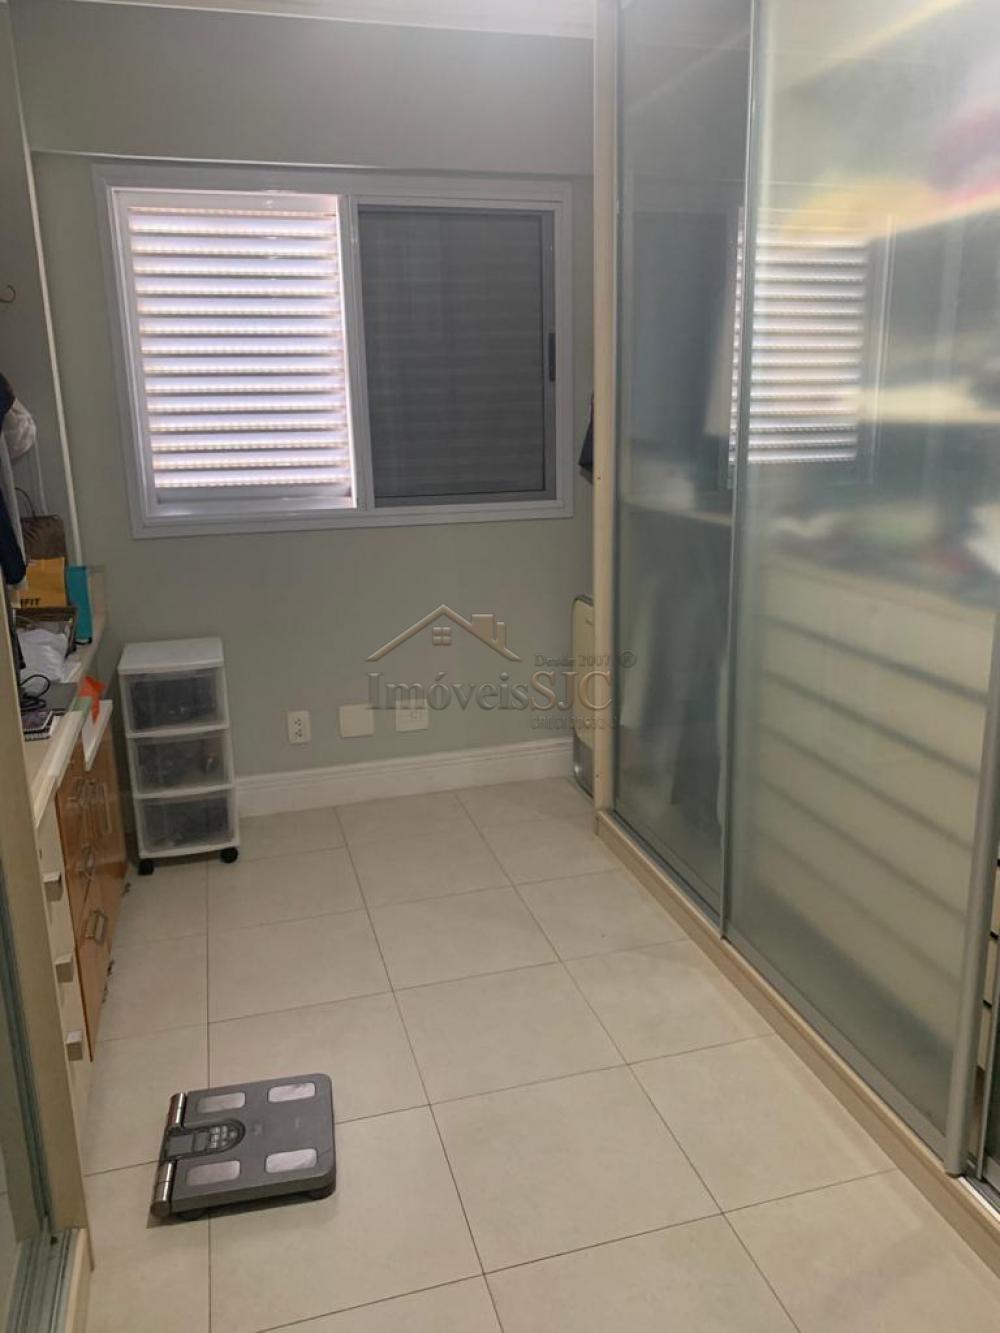 Comprar Apartamentos / Padrão em São José dos Campos apenas R$ 910.000,00 - Foto 15